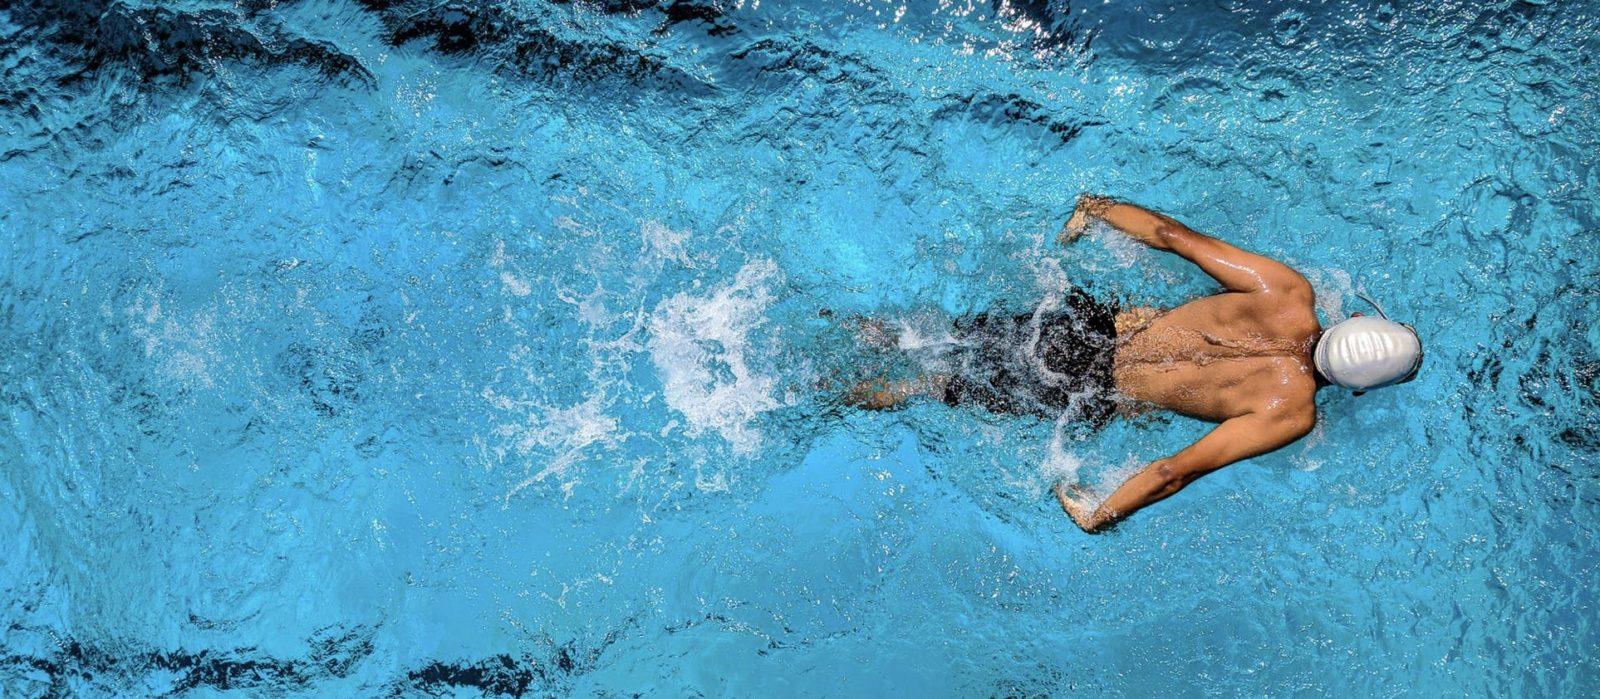 Das Bild zeigt einen Schwimmer, der Beispielsweise Kontaktlinsen beim Sport tragen könnte. Beim Wasserball. Hier ist der Blick durch eine Schwimmbrille nämlich eingeschränkt.